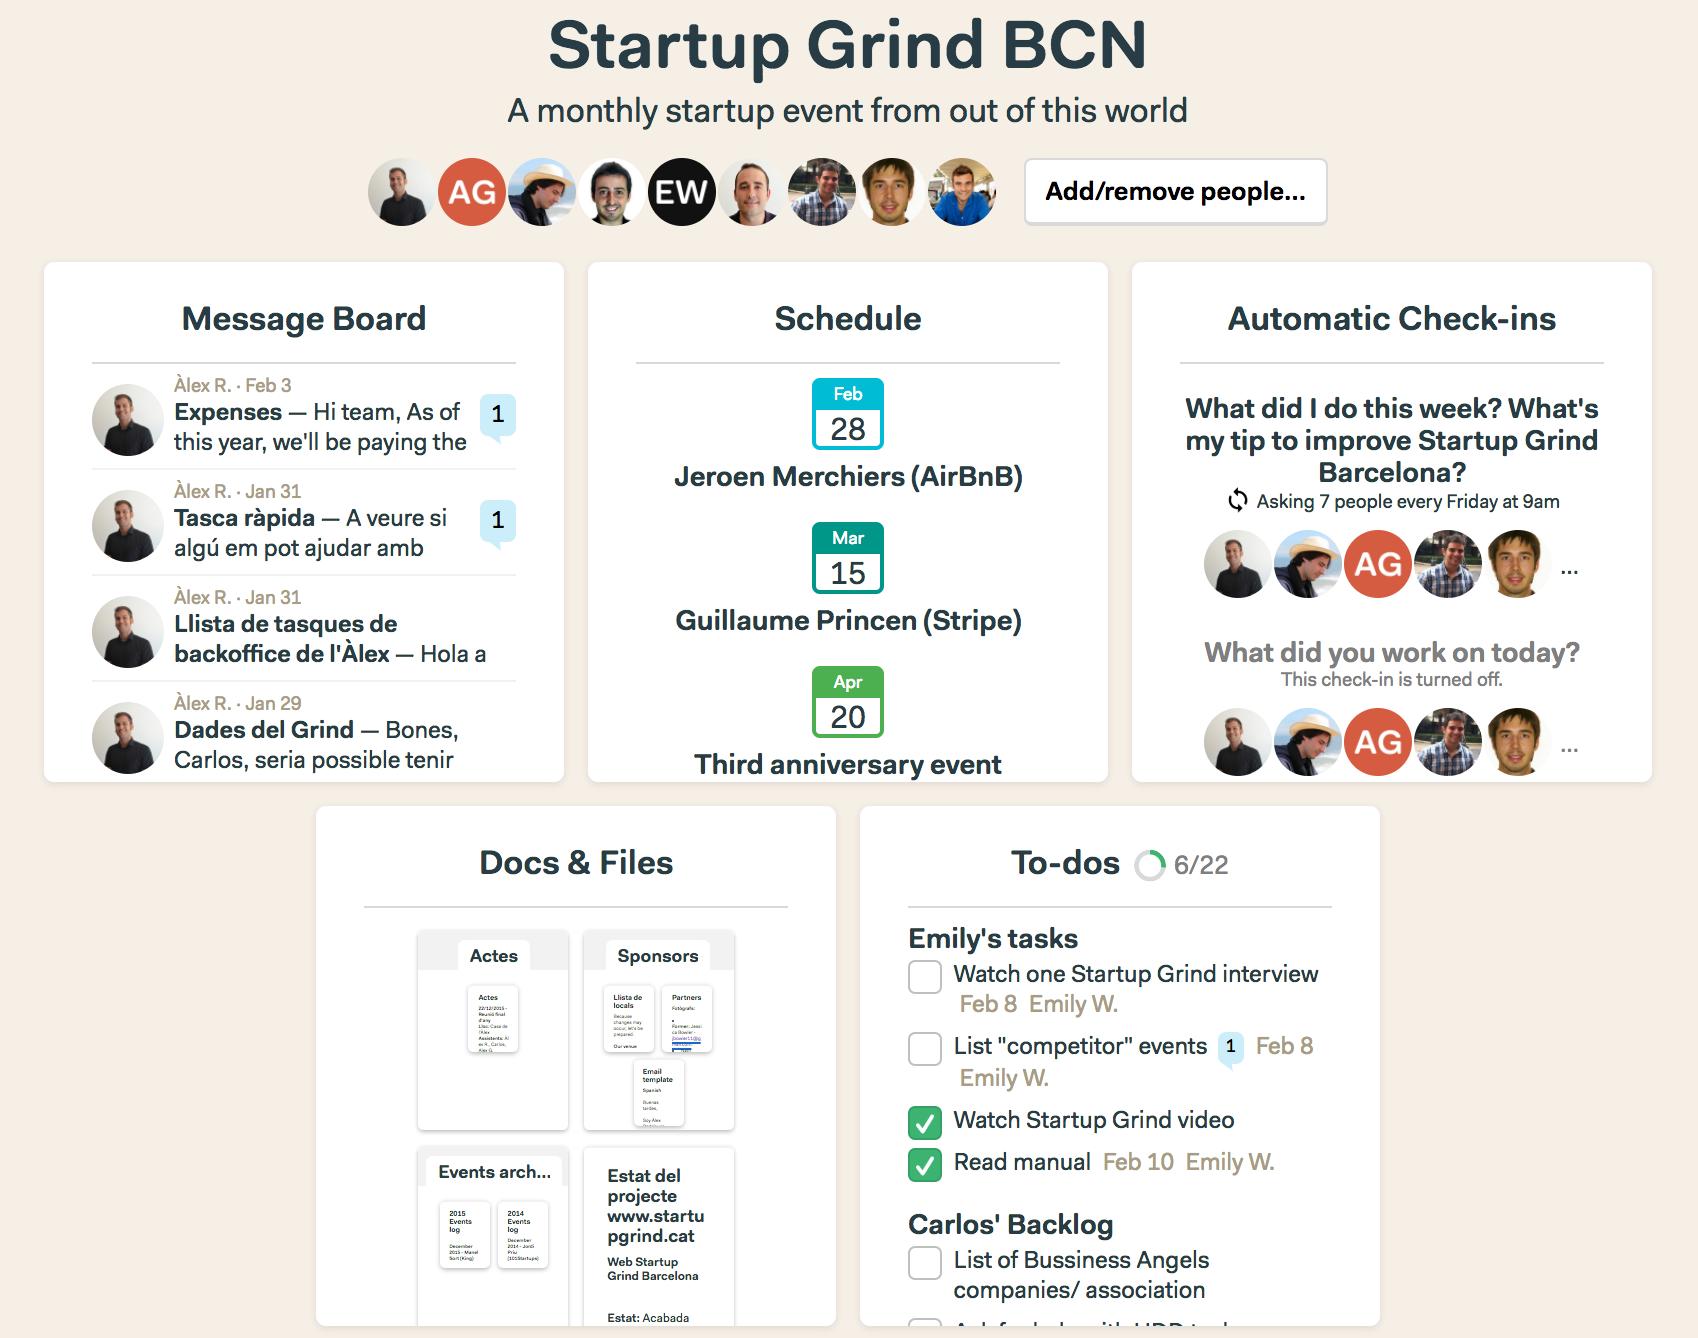 Internal Basecamp of Startup Grind BCN